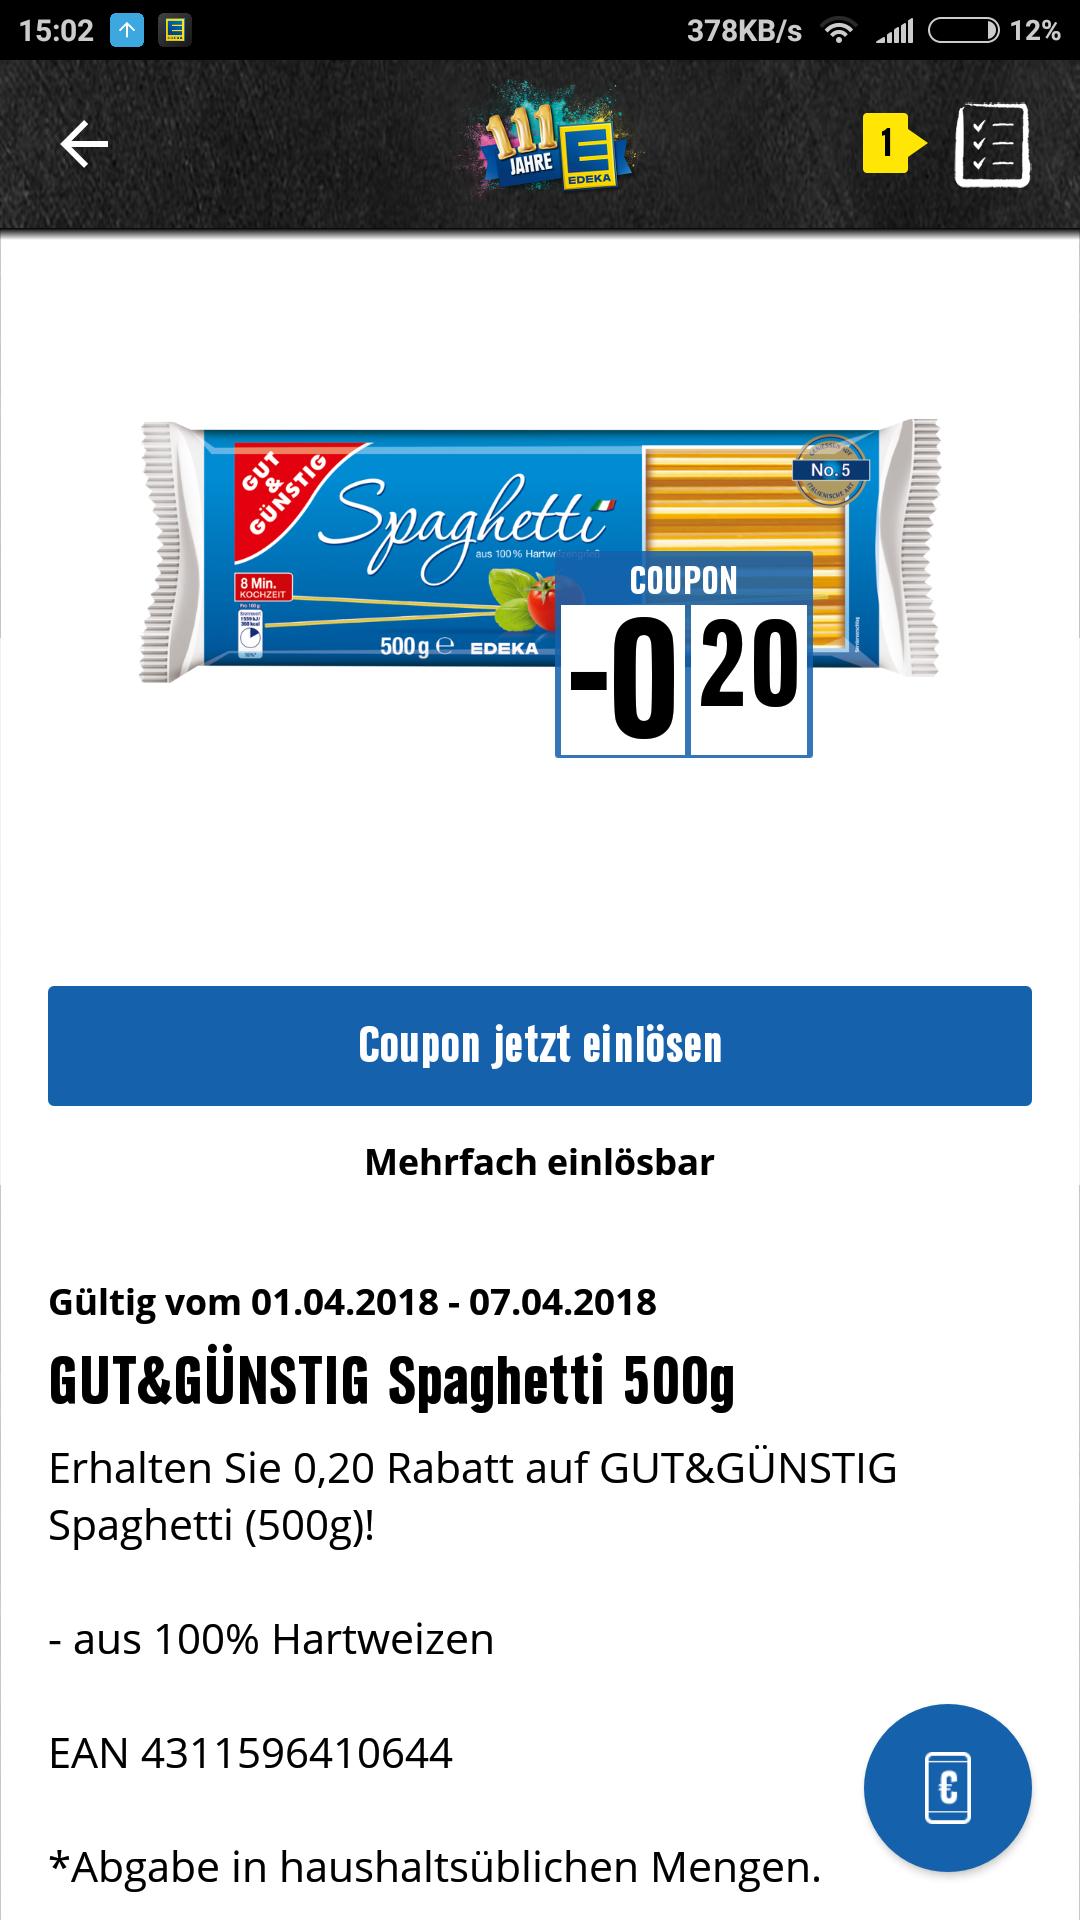 EDEKA Südwest: Gut und Günstig Spaghetti 500g für 0,19 € dank EDEKA-App Coupon - mehrfach einlösbar